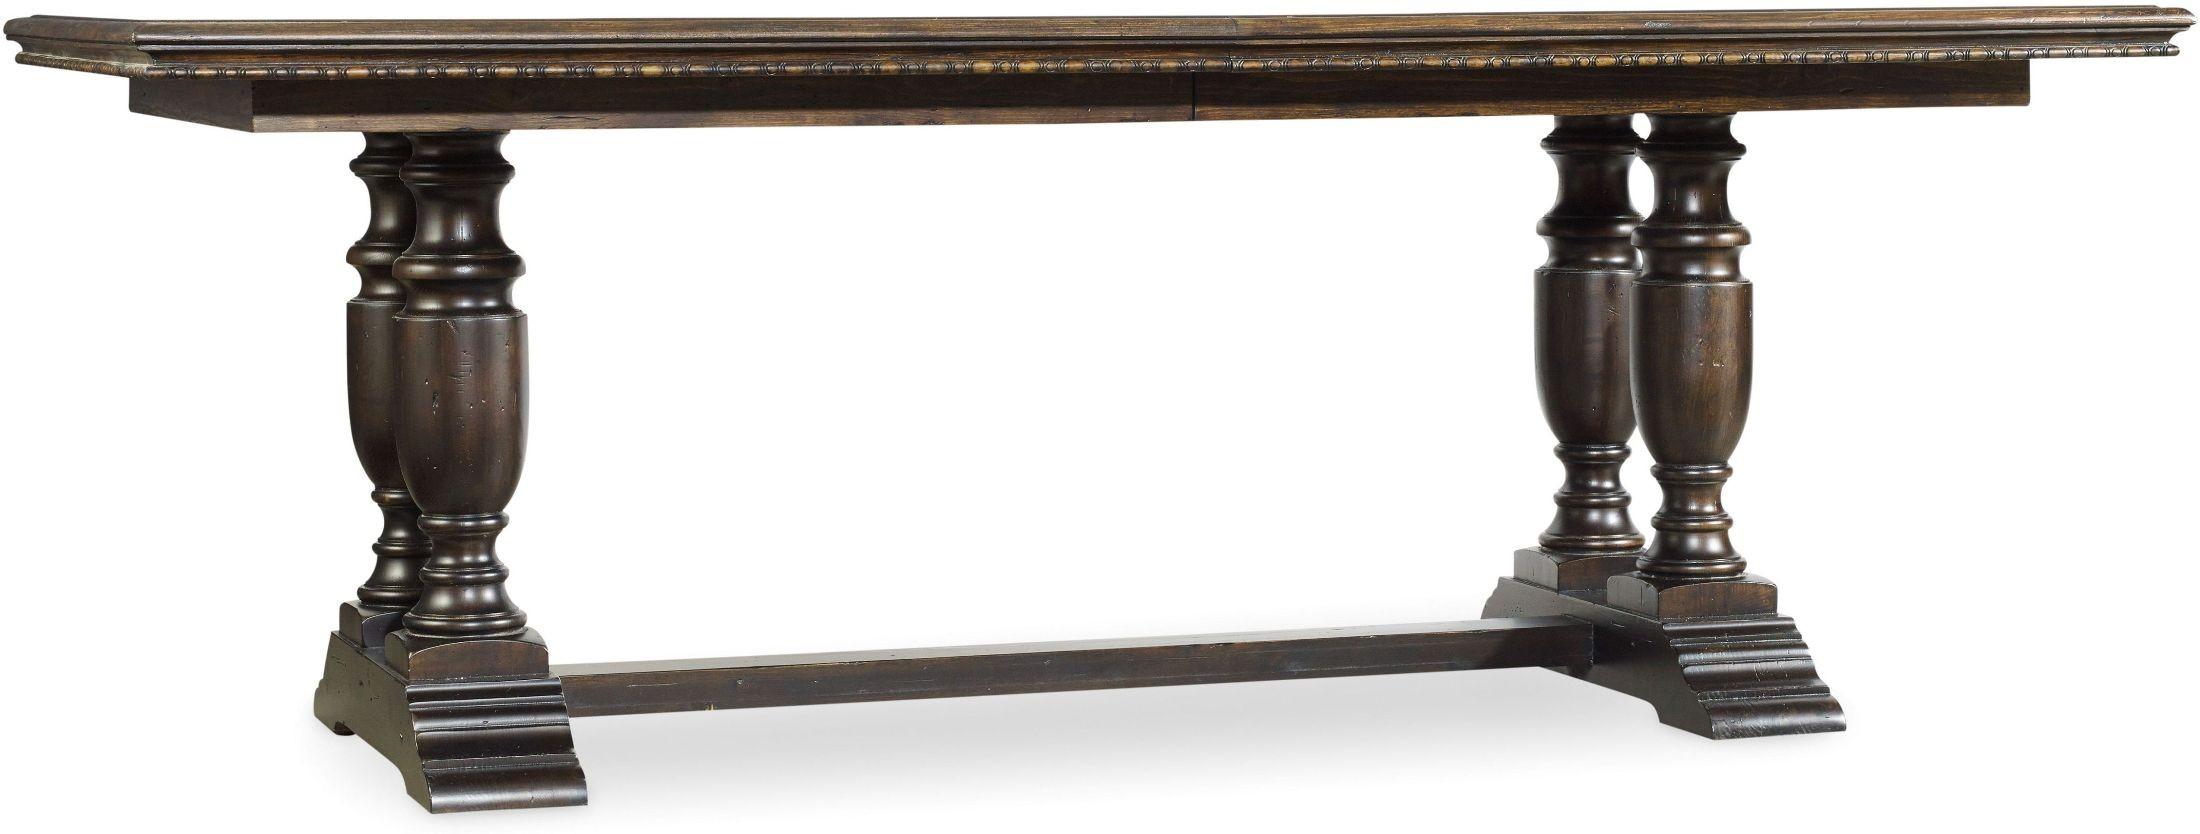 treviso gold extendable trestle dining table 5374 75207 hooker furniture. Black Bedroom Furniture Sets. Home Design Ideas